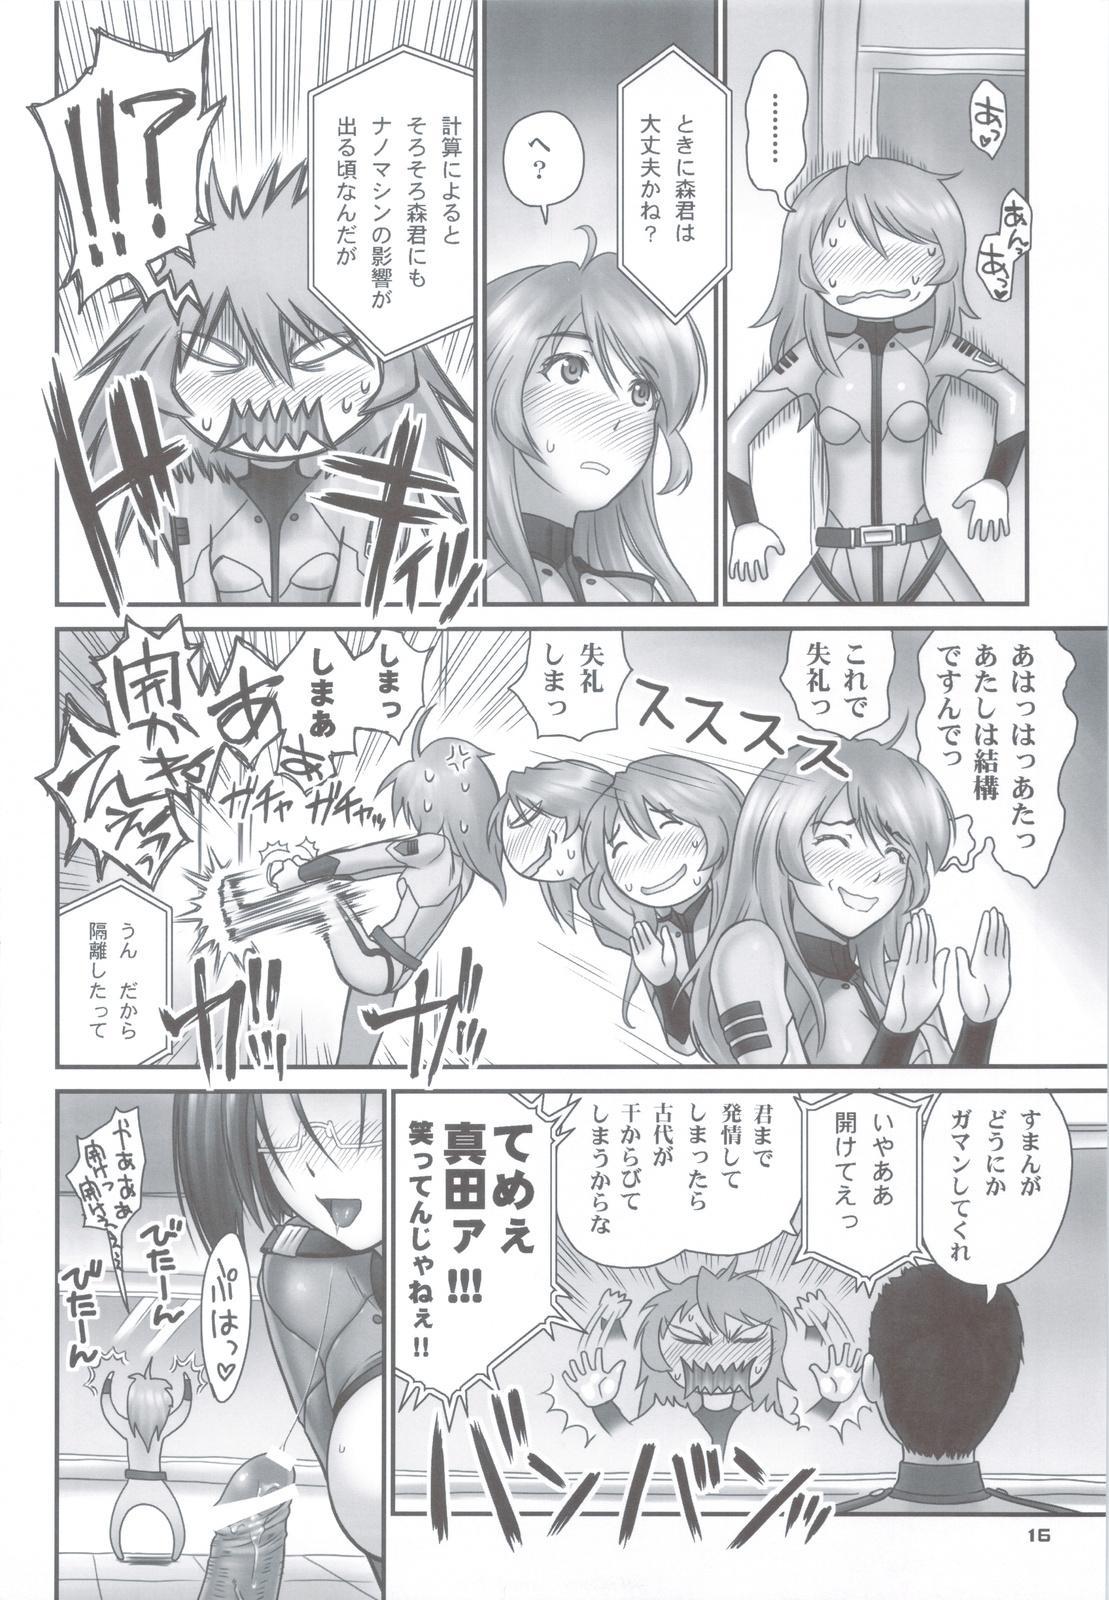 Kannaifuku ga Ki ni Natte Shikata ga Nai 2199 + Omake Bon 14